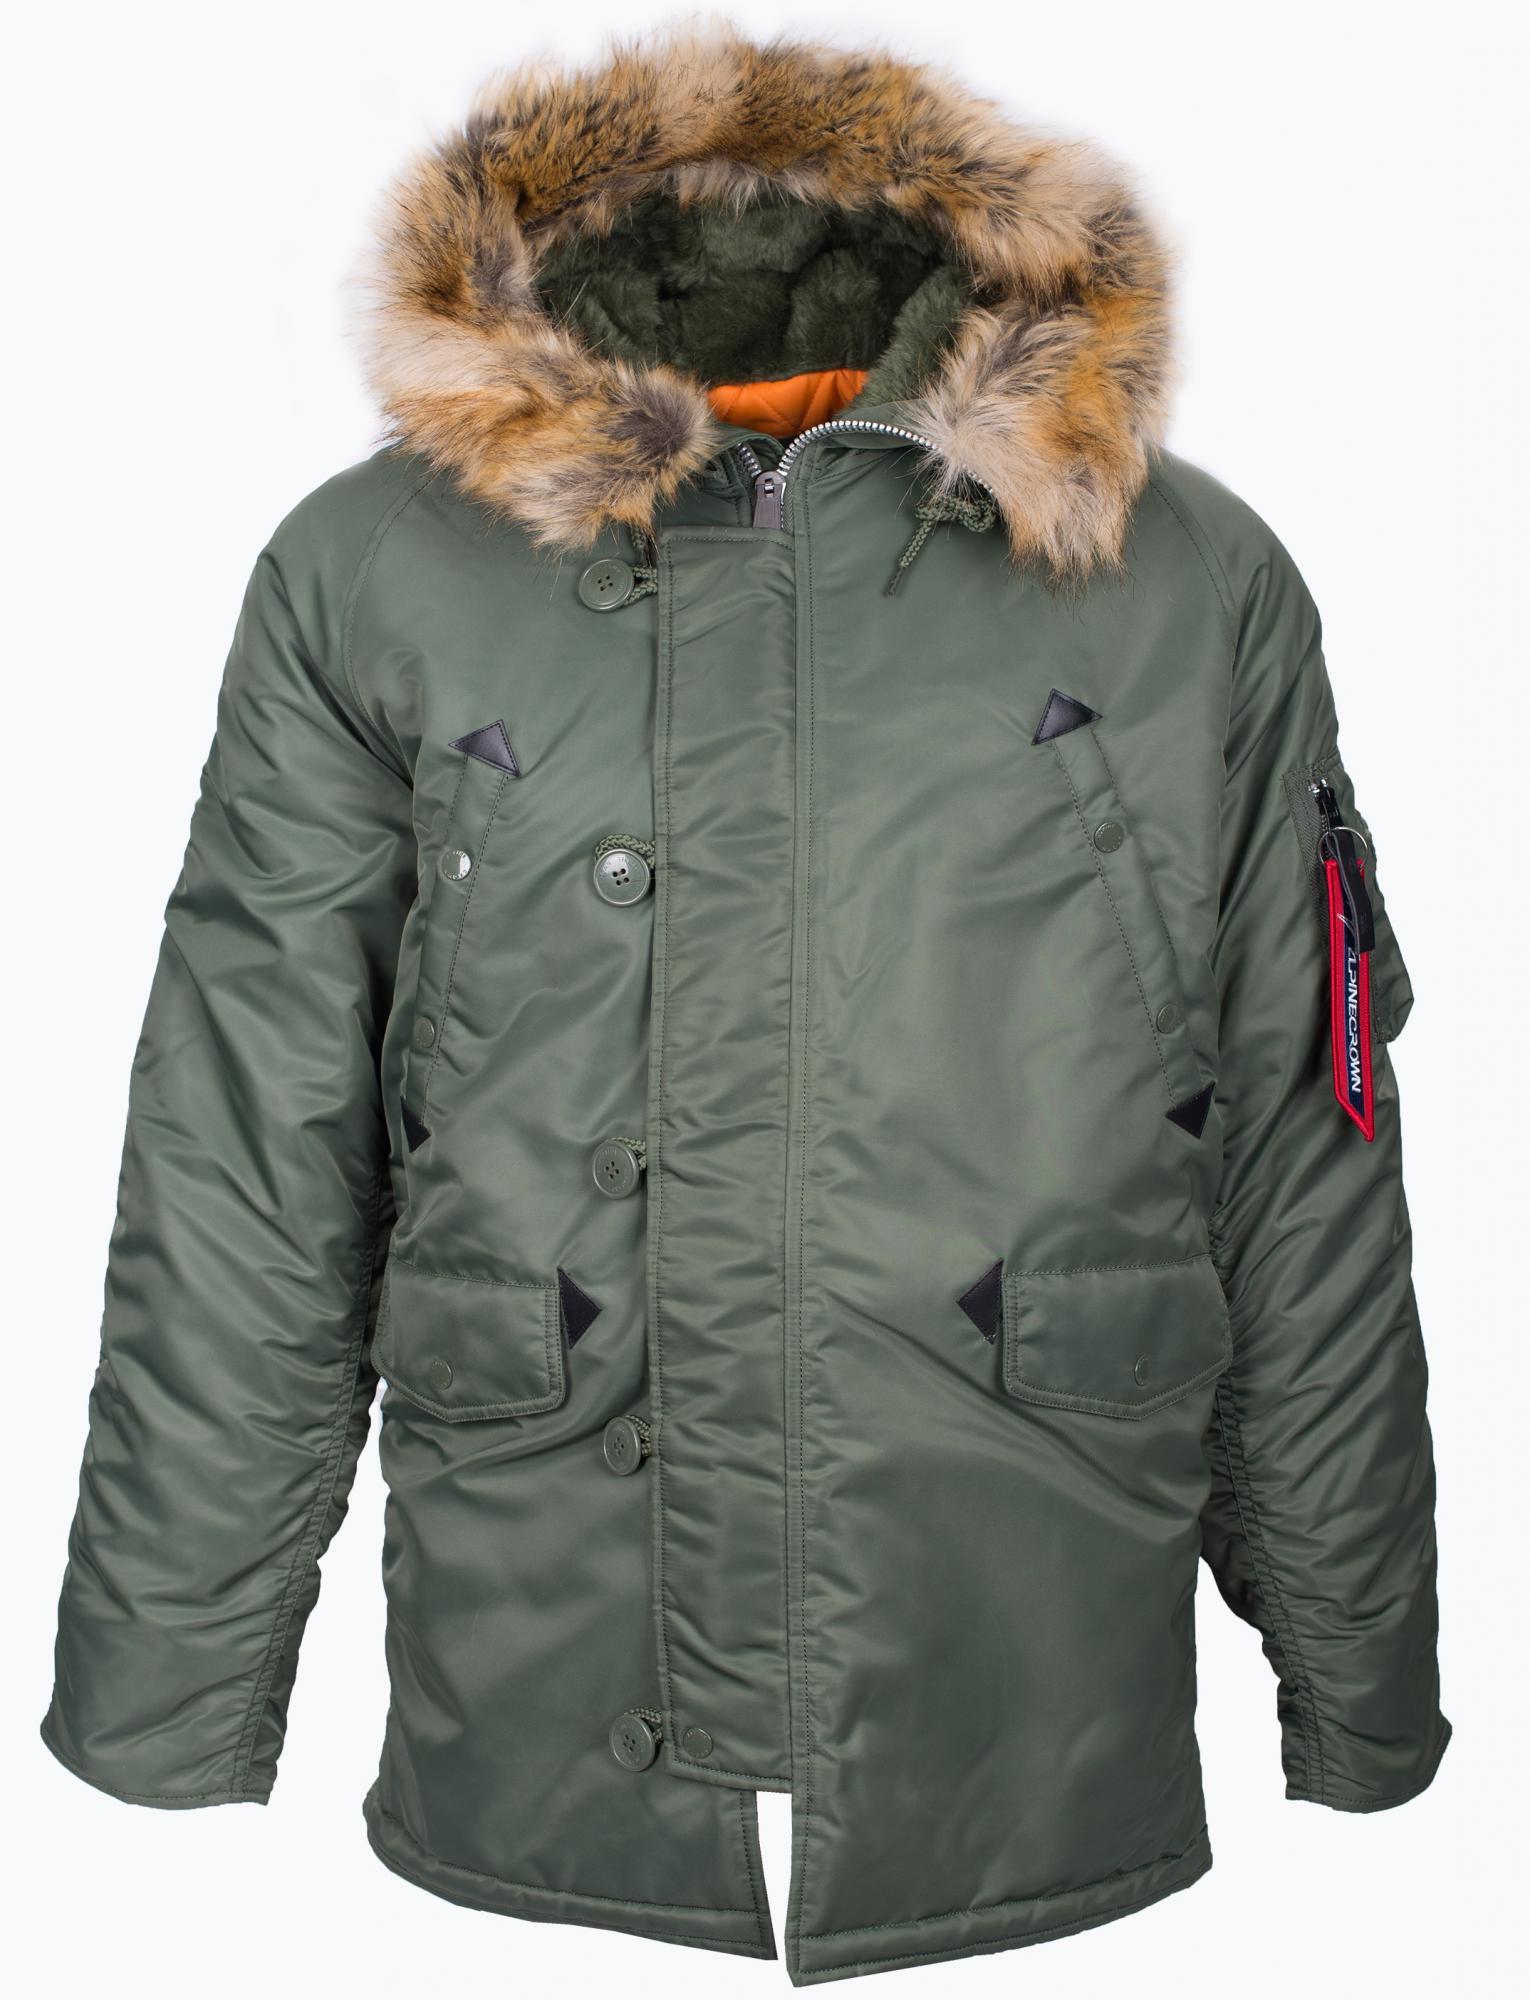 be5260b04a38d Куртка-парка Alpine Crown «AIR FORCE» - Аритикул ACPJ-170205 «AIR